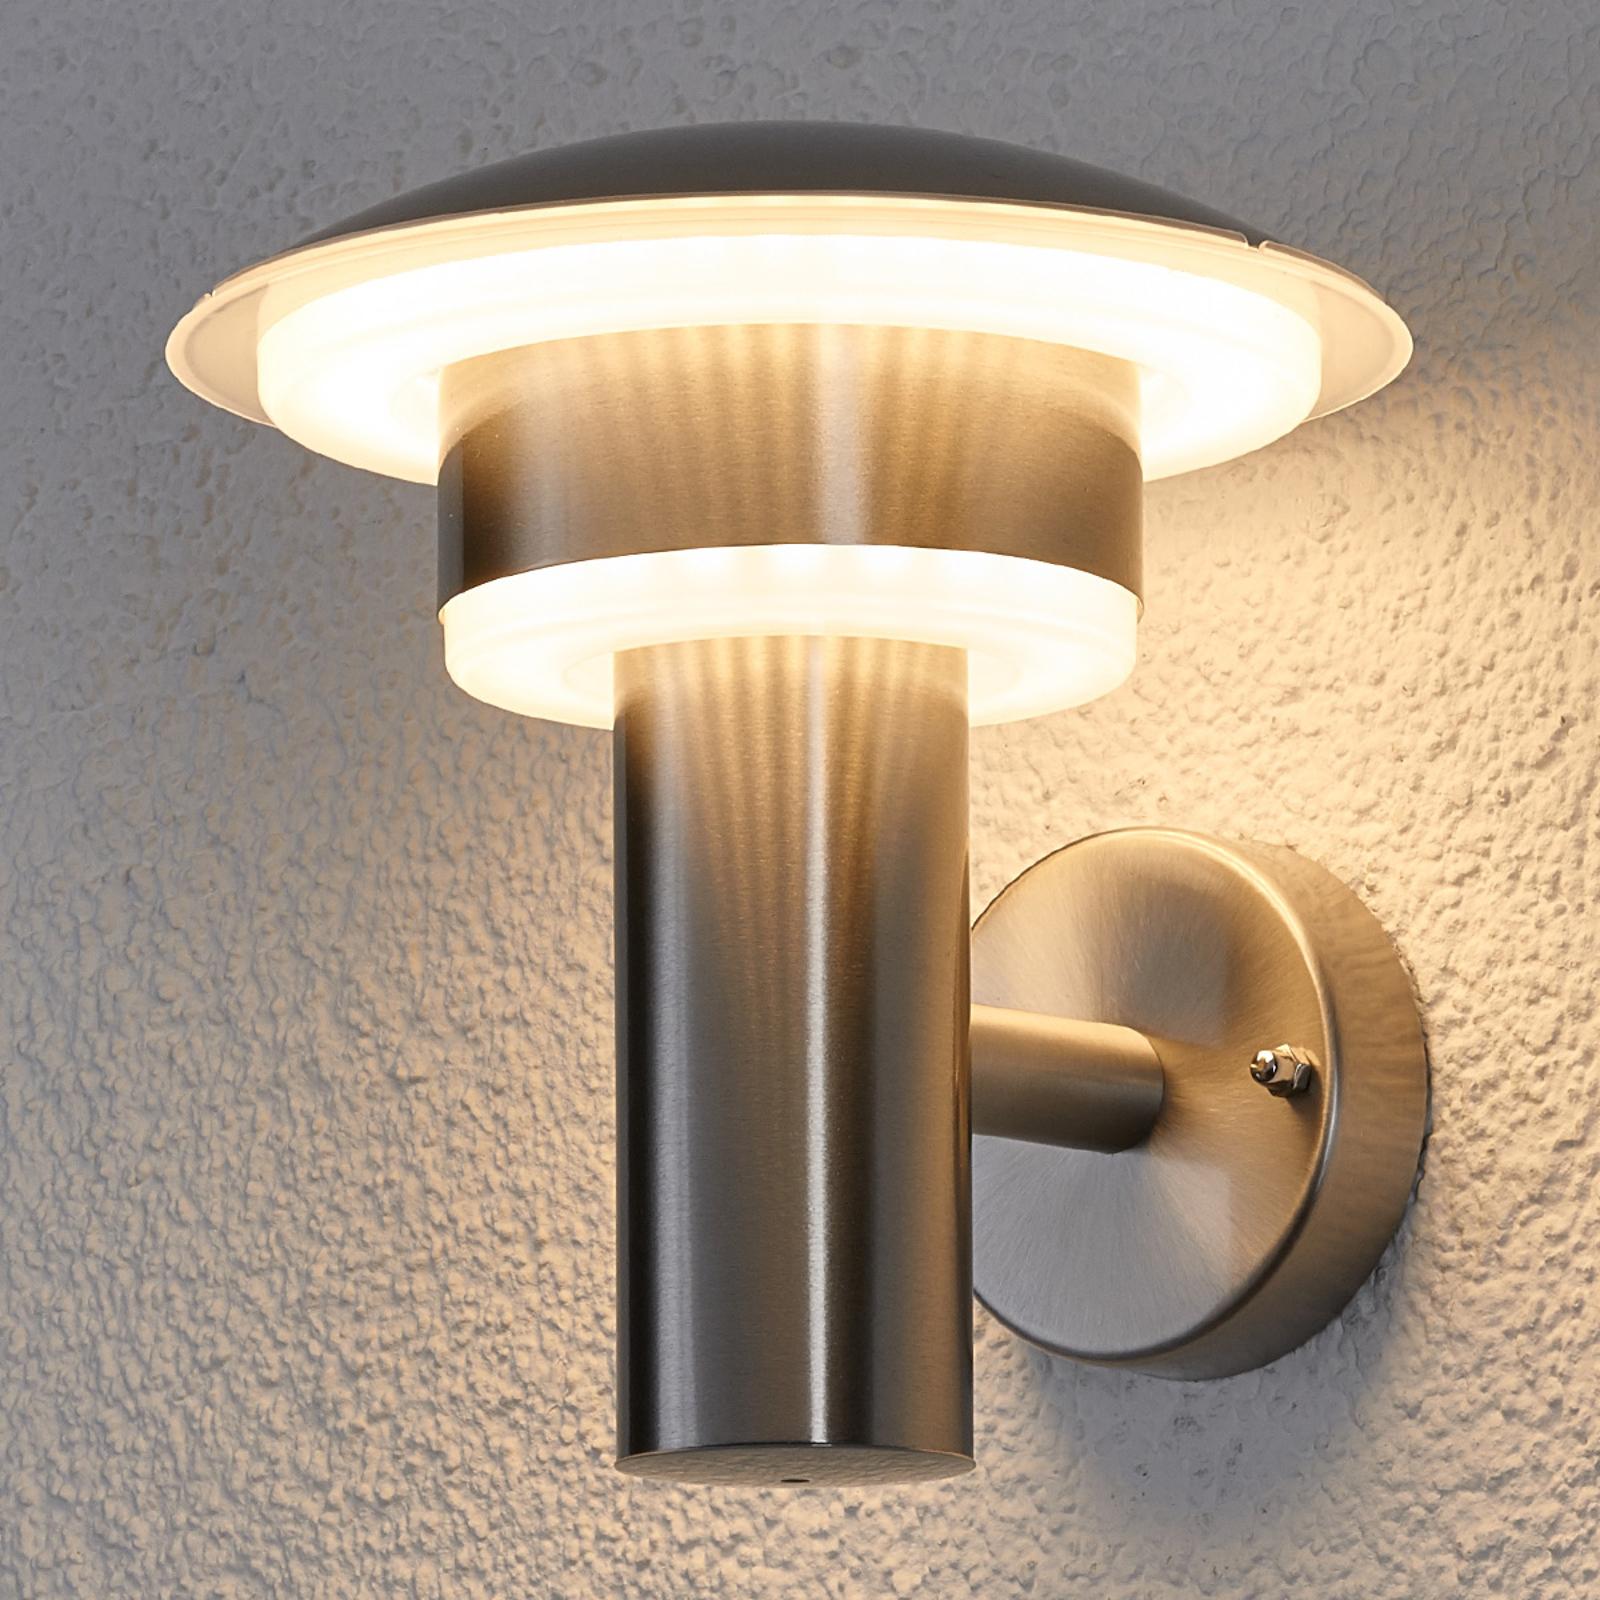 Dekorativ LED-utevägglampa Lillie, rostfritt stål